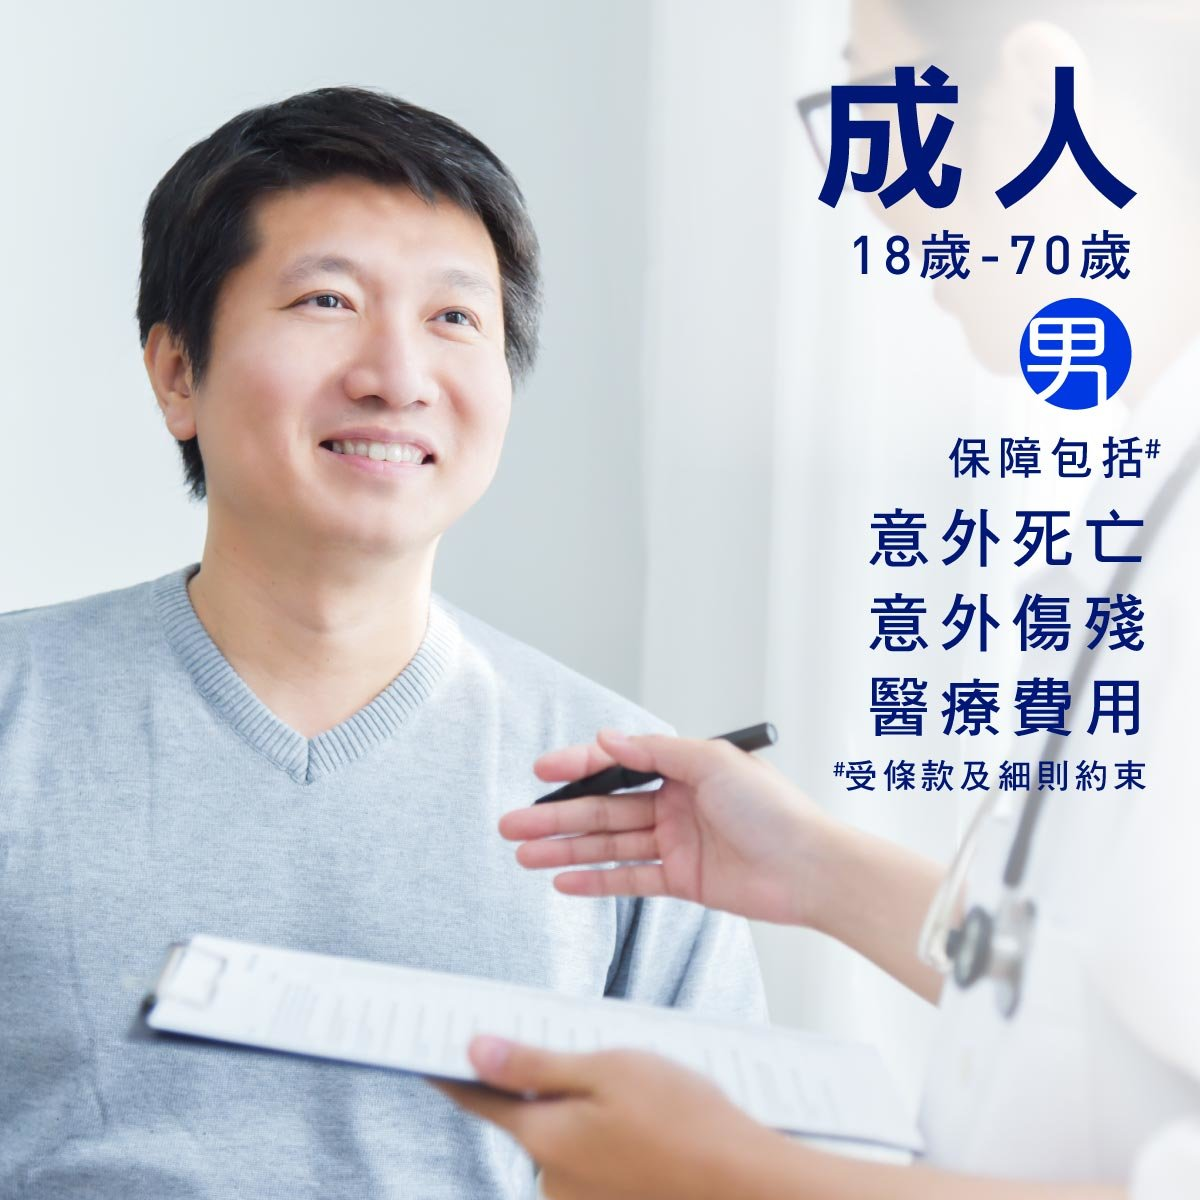 個人意外保險 (男) - 18至70歲